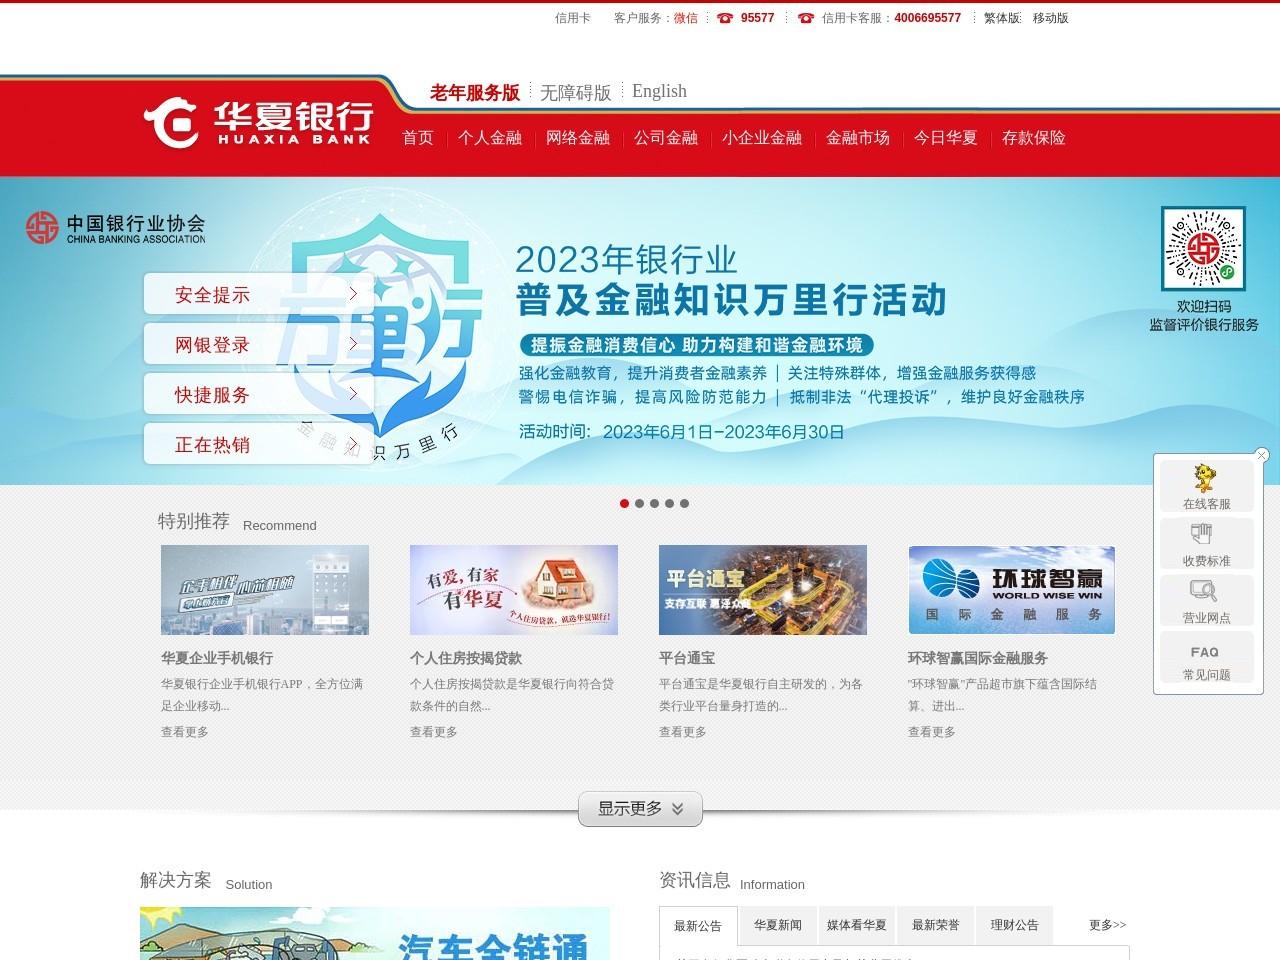 华夏银行官网